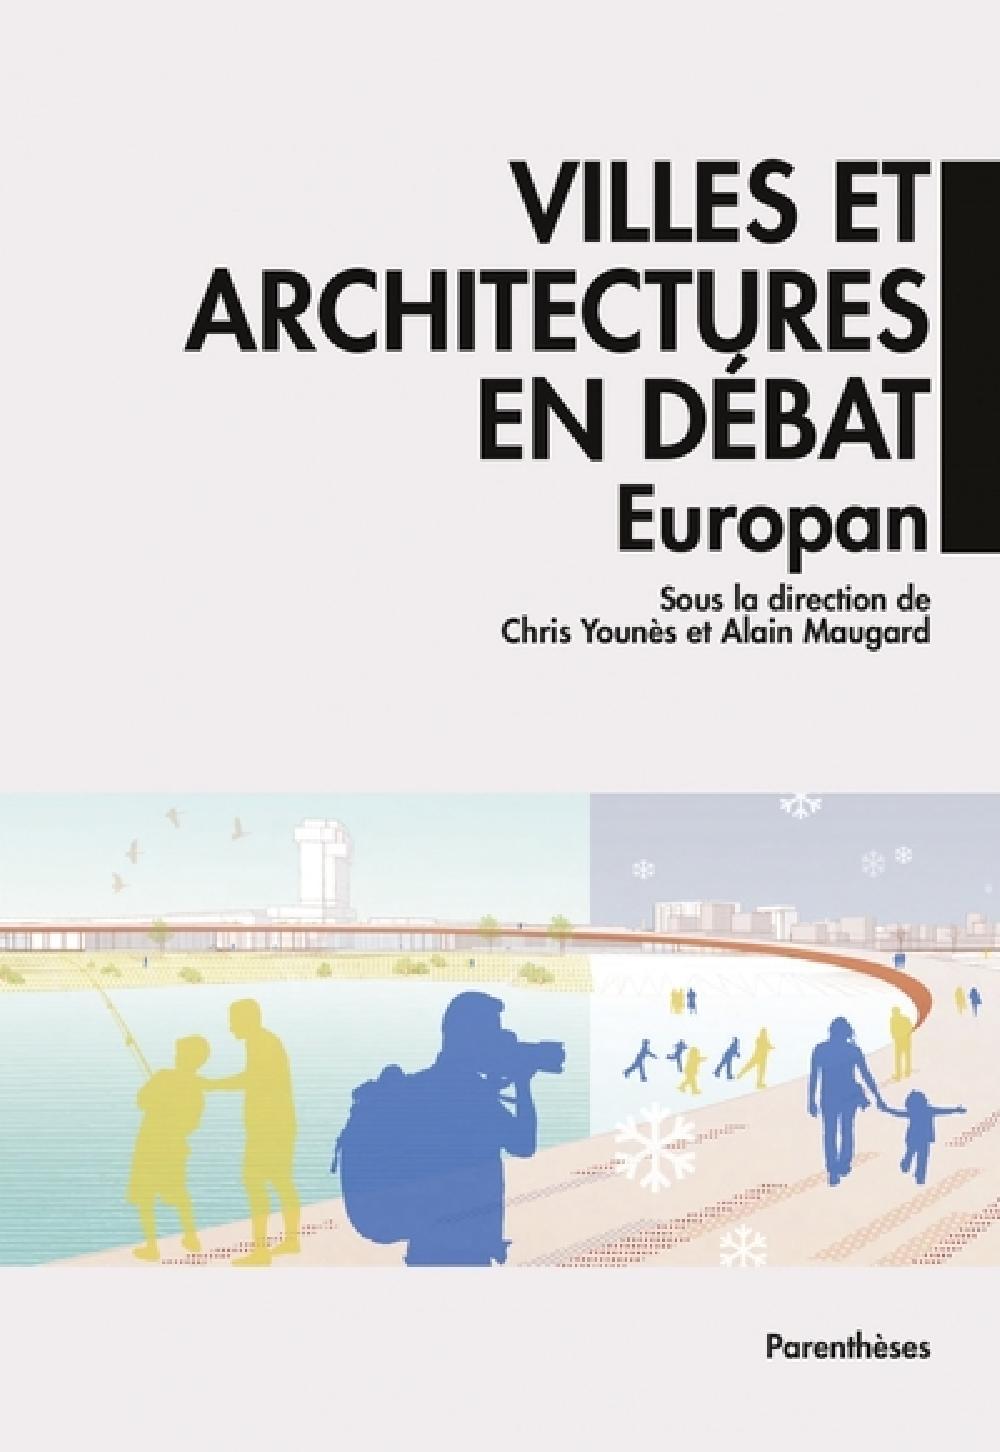 Villes et architectures en débat - Europan